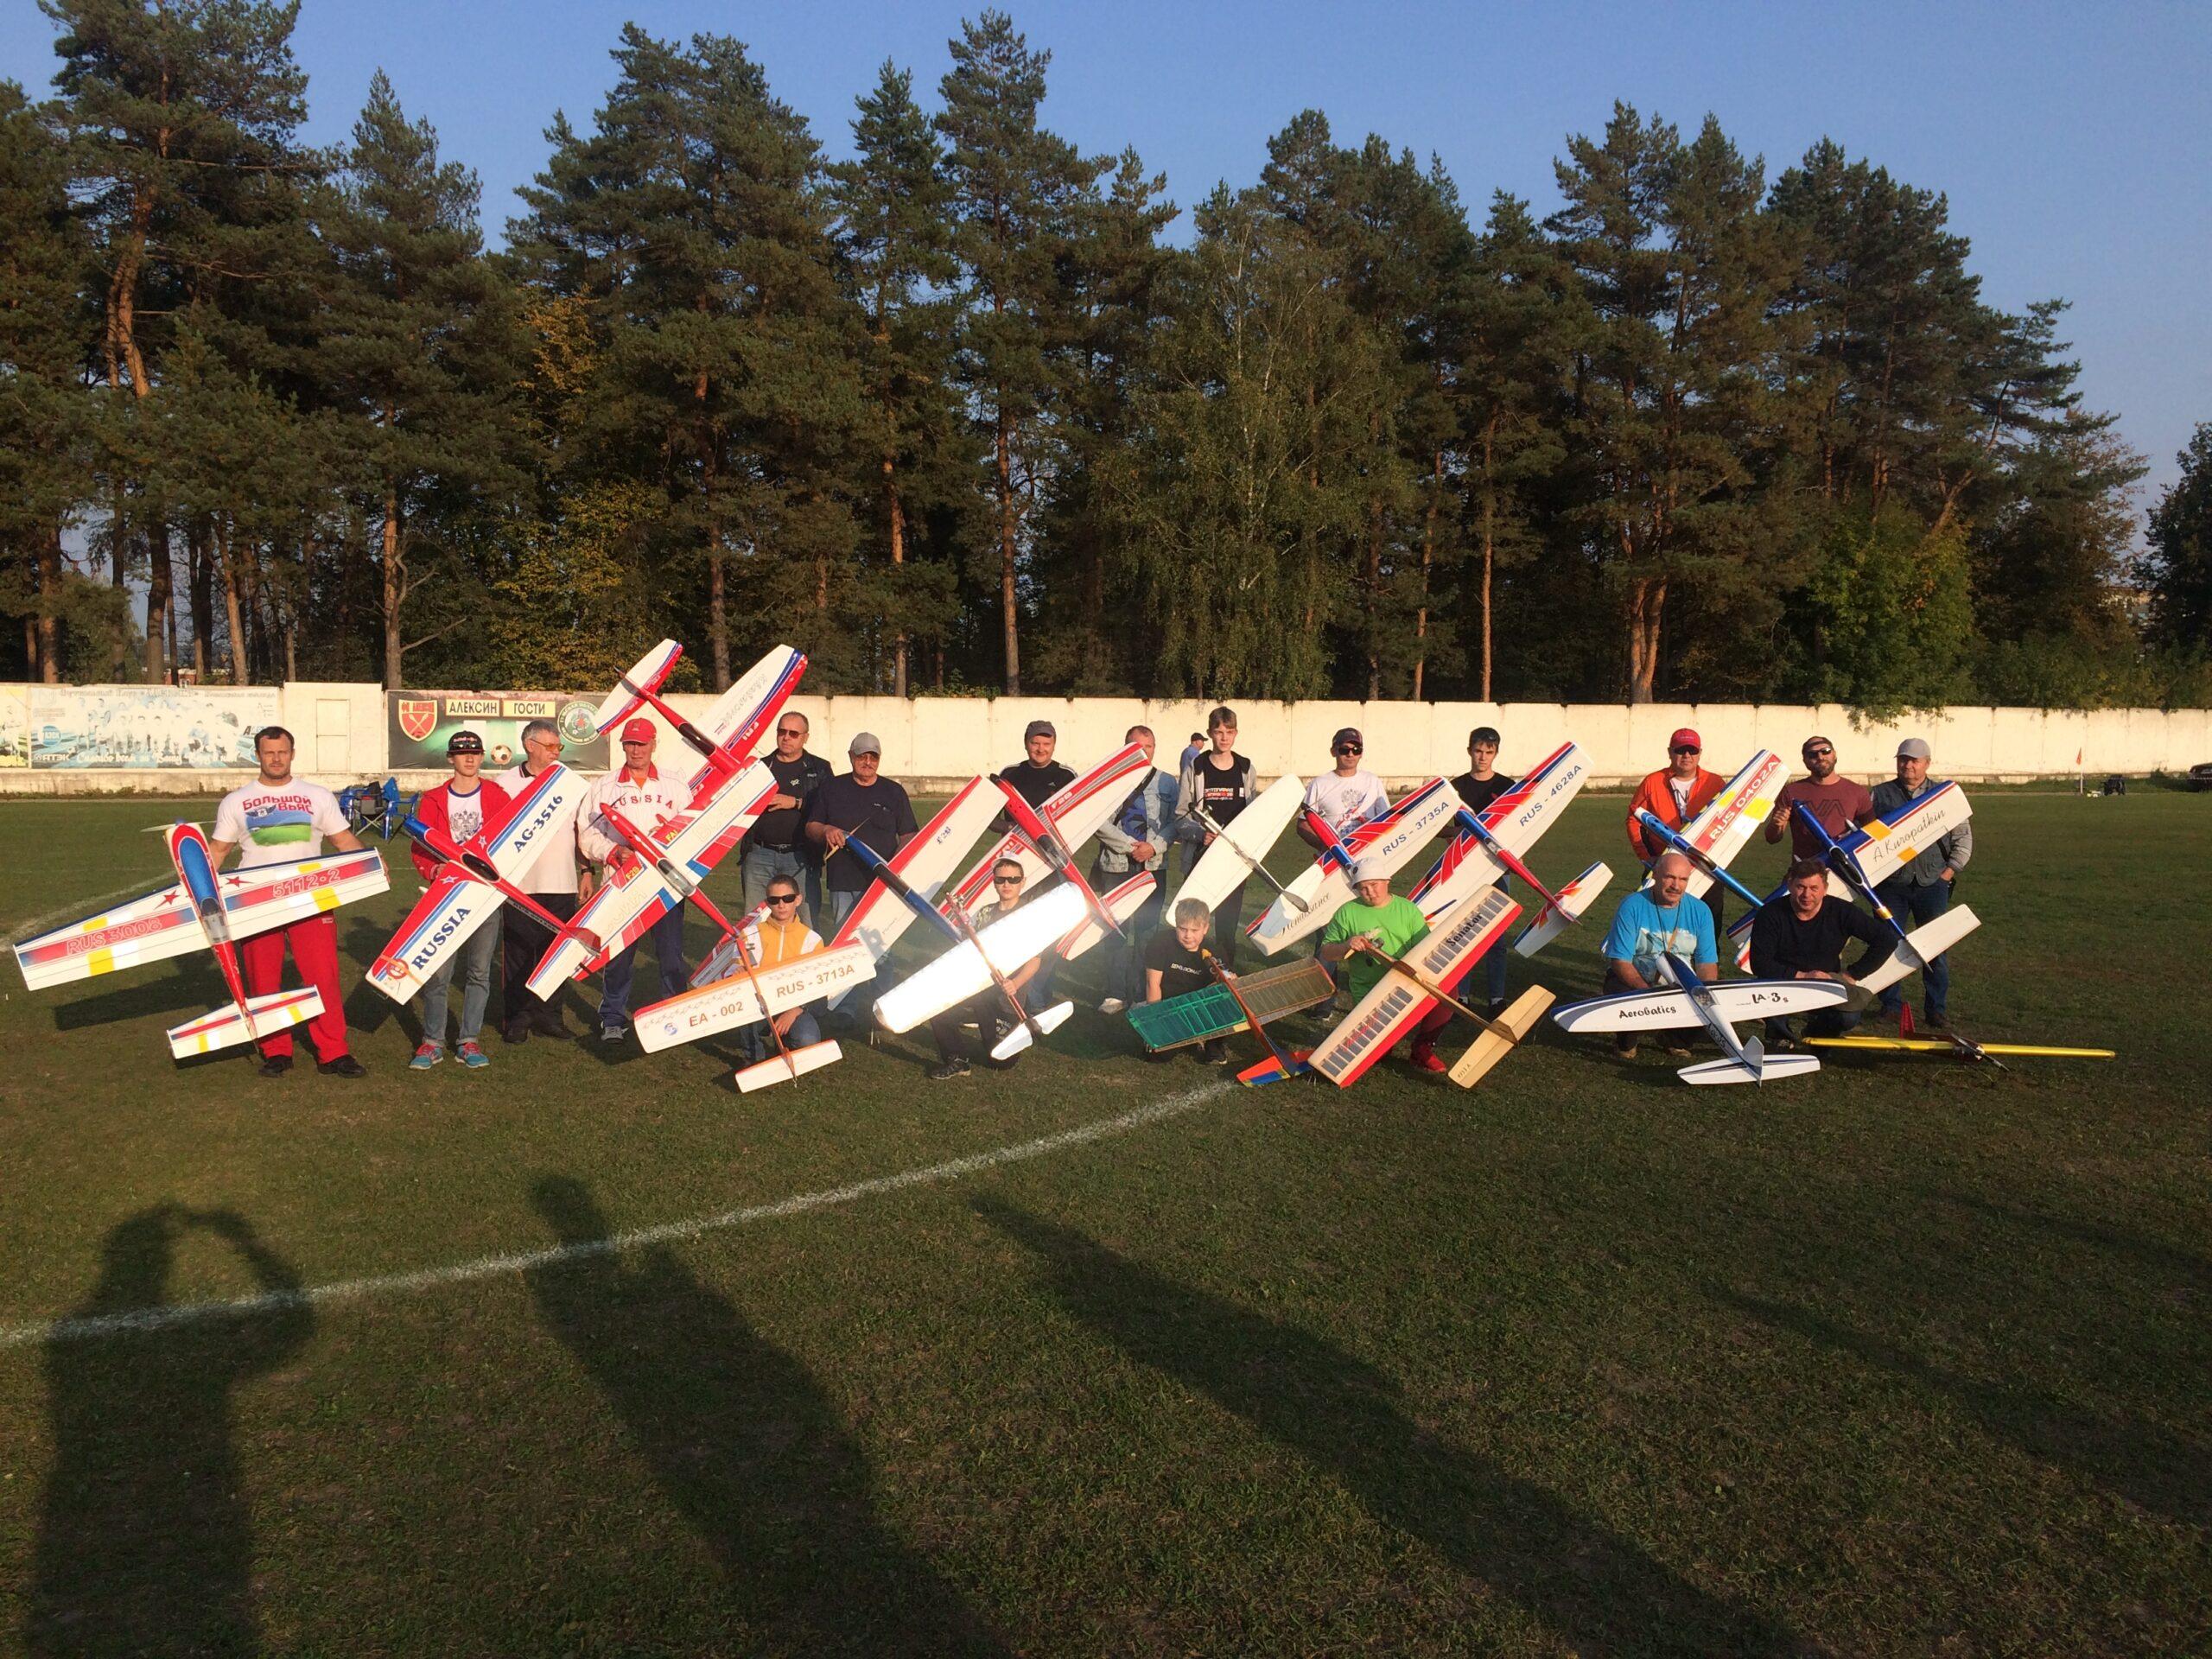 Всероссийские соревнования по авиамодельному спорту в классе пилотажных моделей F-2B в Алексине